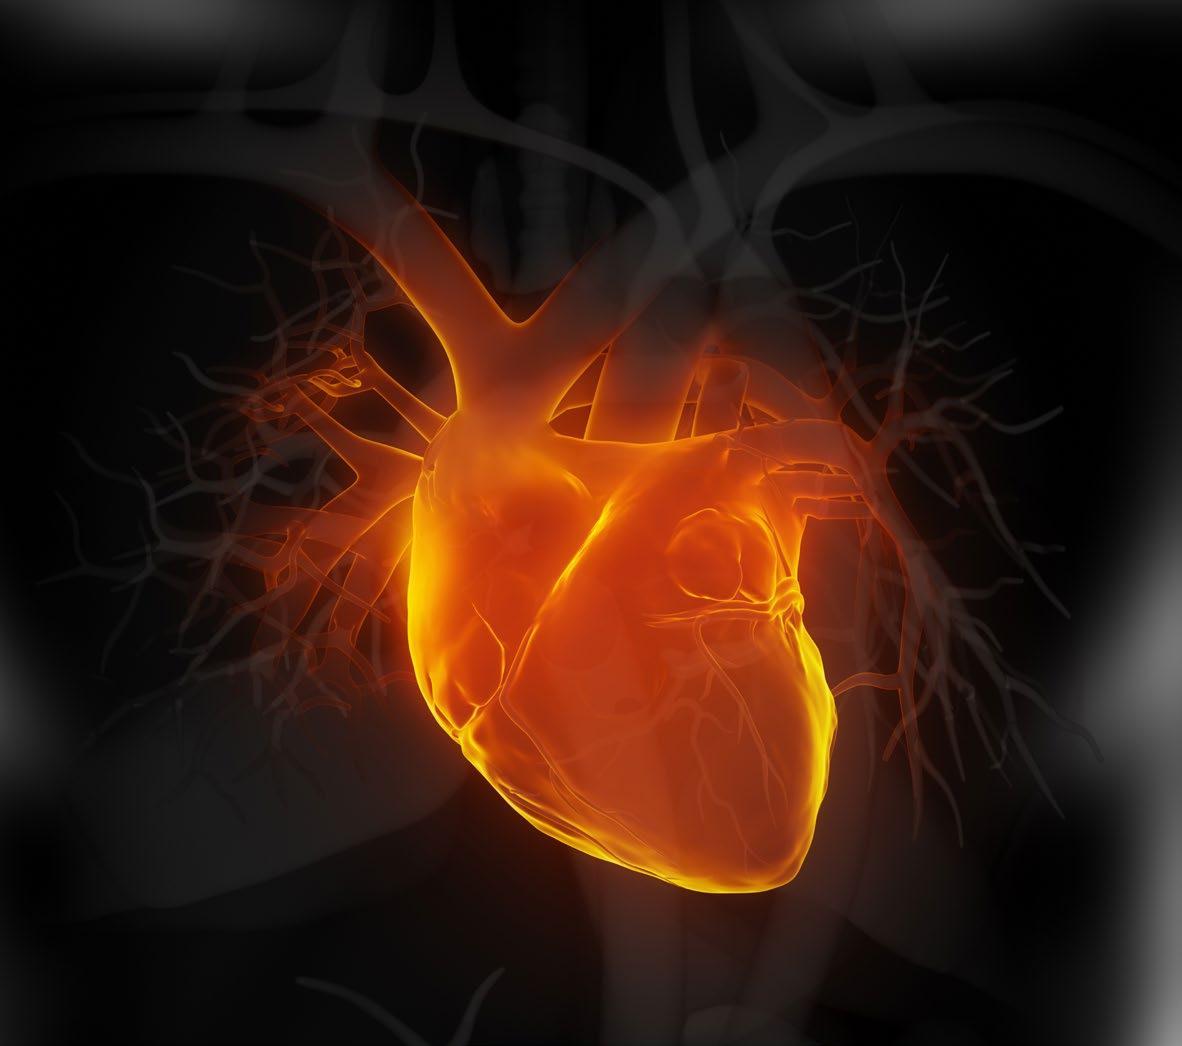 Page 32 of Avhandling visar att allvarlig blödning efter hjärtinfarkt är relativt frekvent förekommande men att hjärnblödning blivit ovanligare